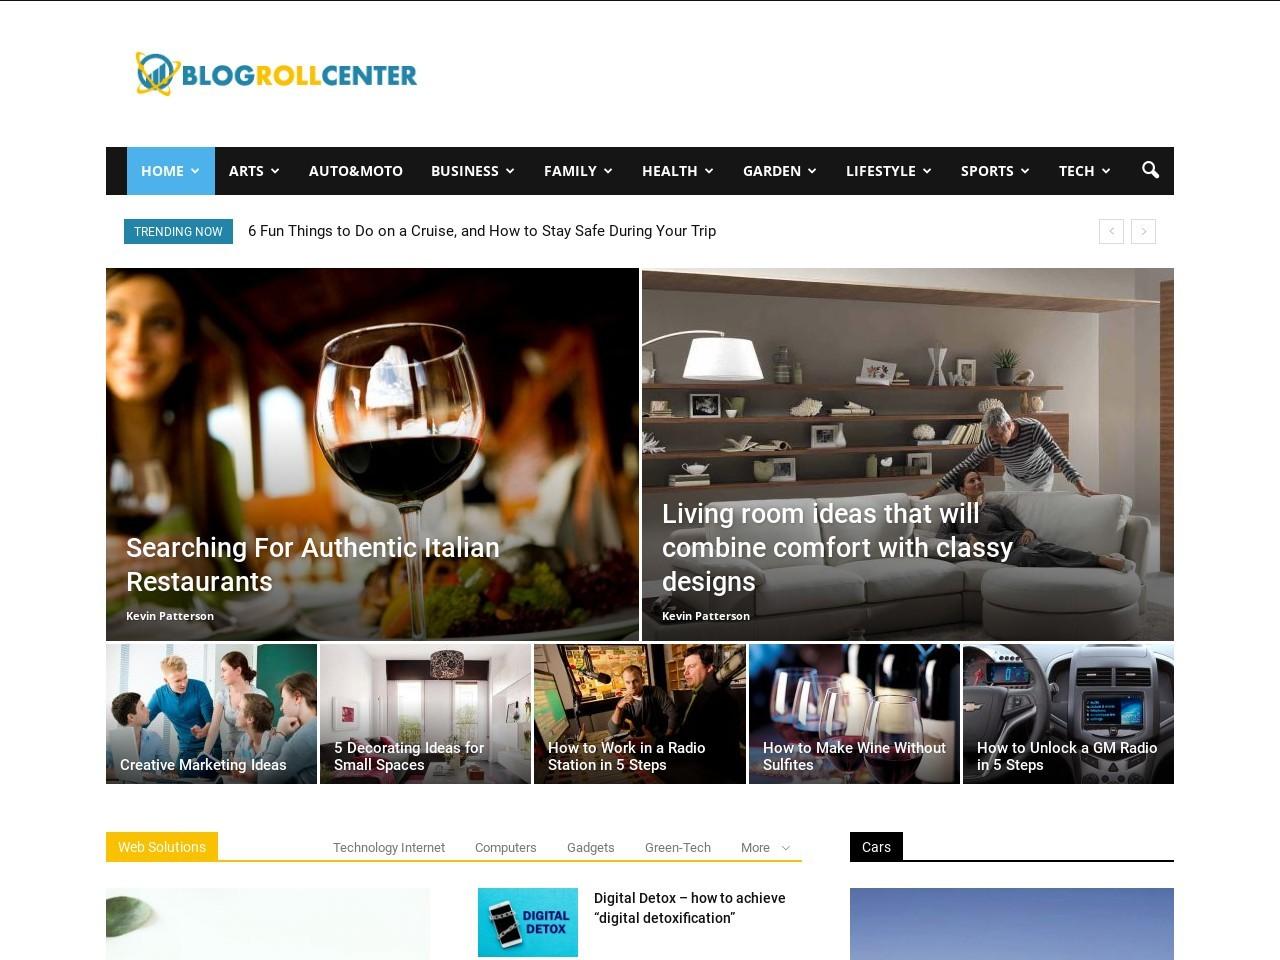 SoundEagle on BlogRollCenter